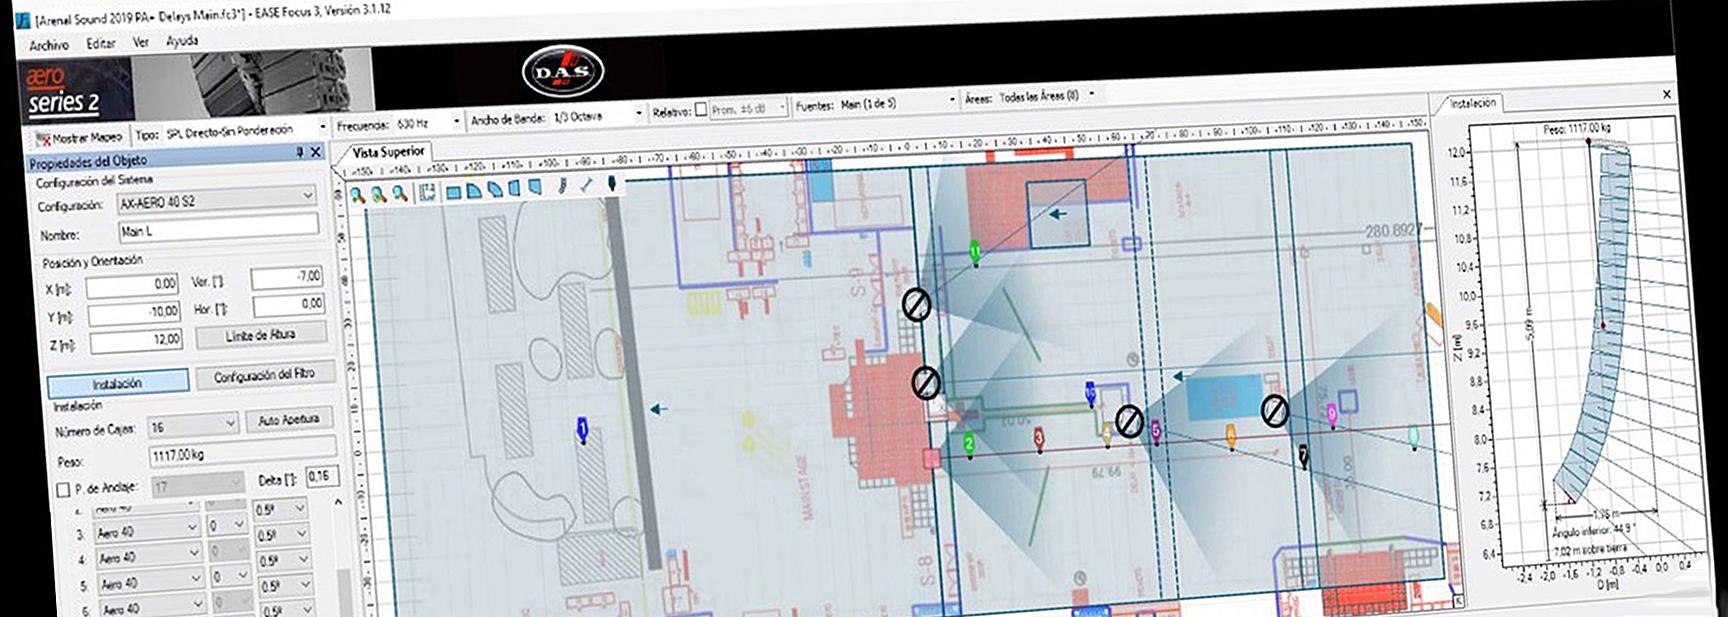 DAS Webinar on EASE Focus Subwoofer Basics on Feb. 19